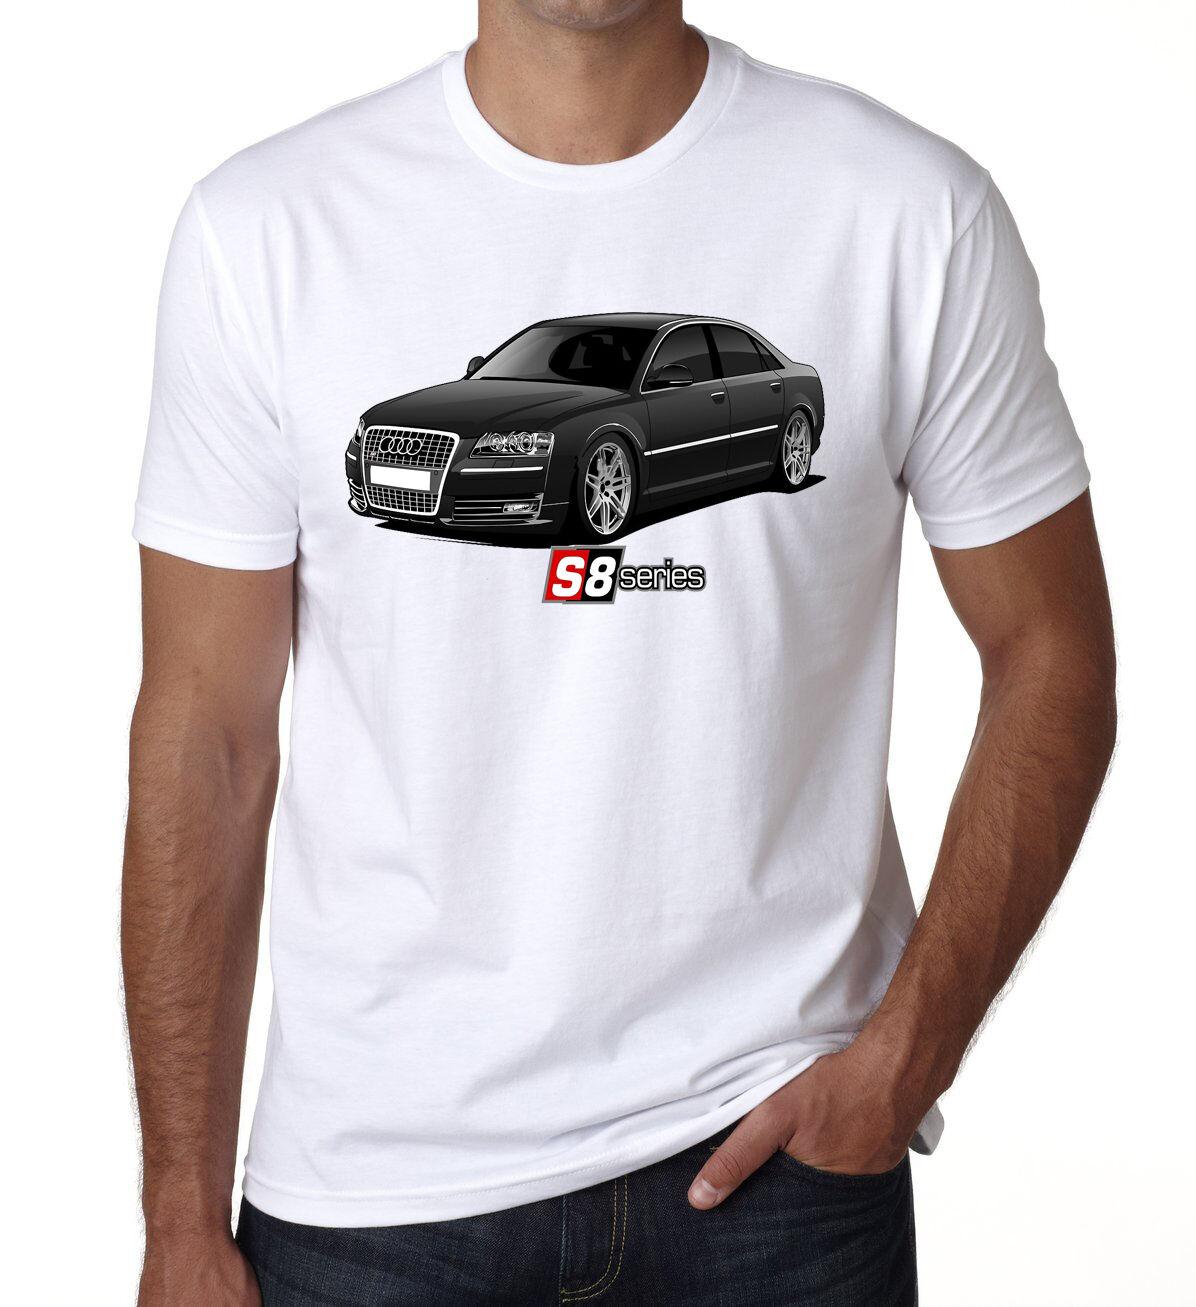 Audi S8 série Homme Shirt Enfants T Shirt Homme Noir Beauté rapide Voiture Blanc DT 222671